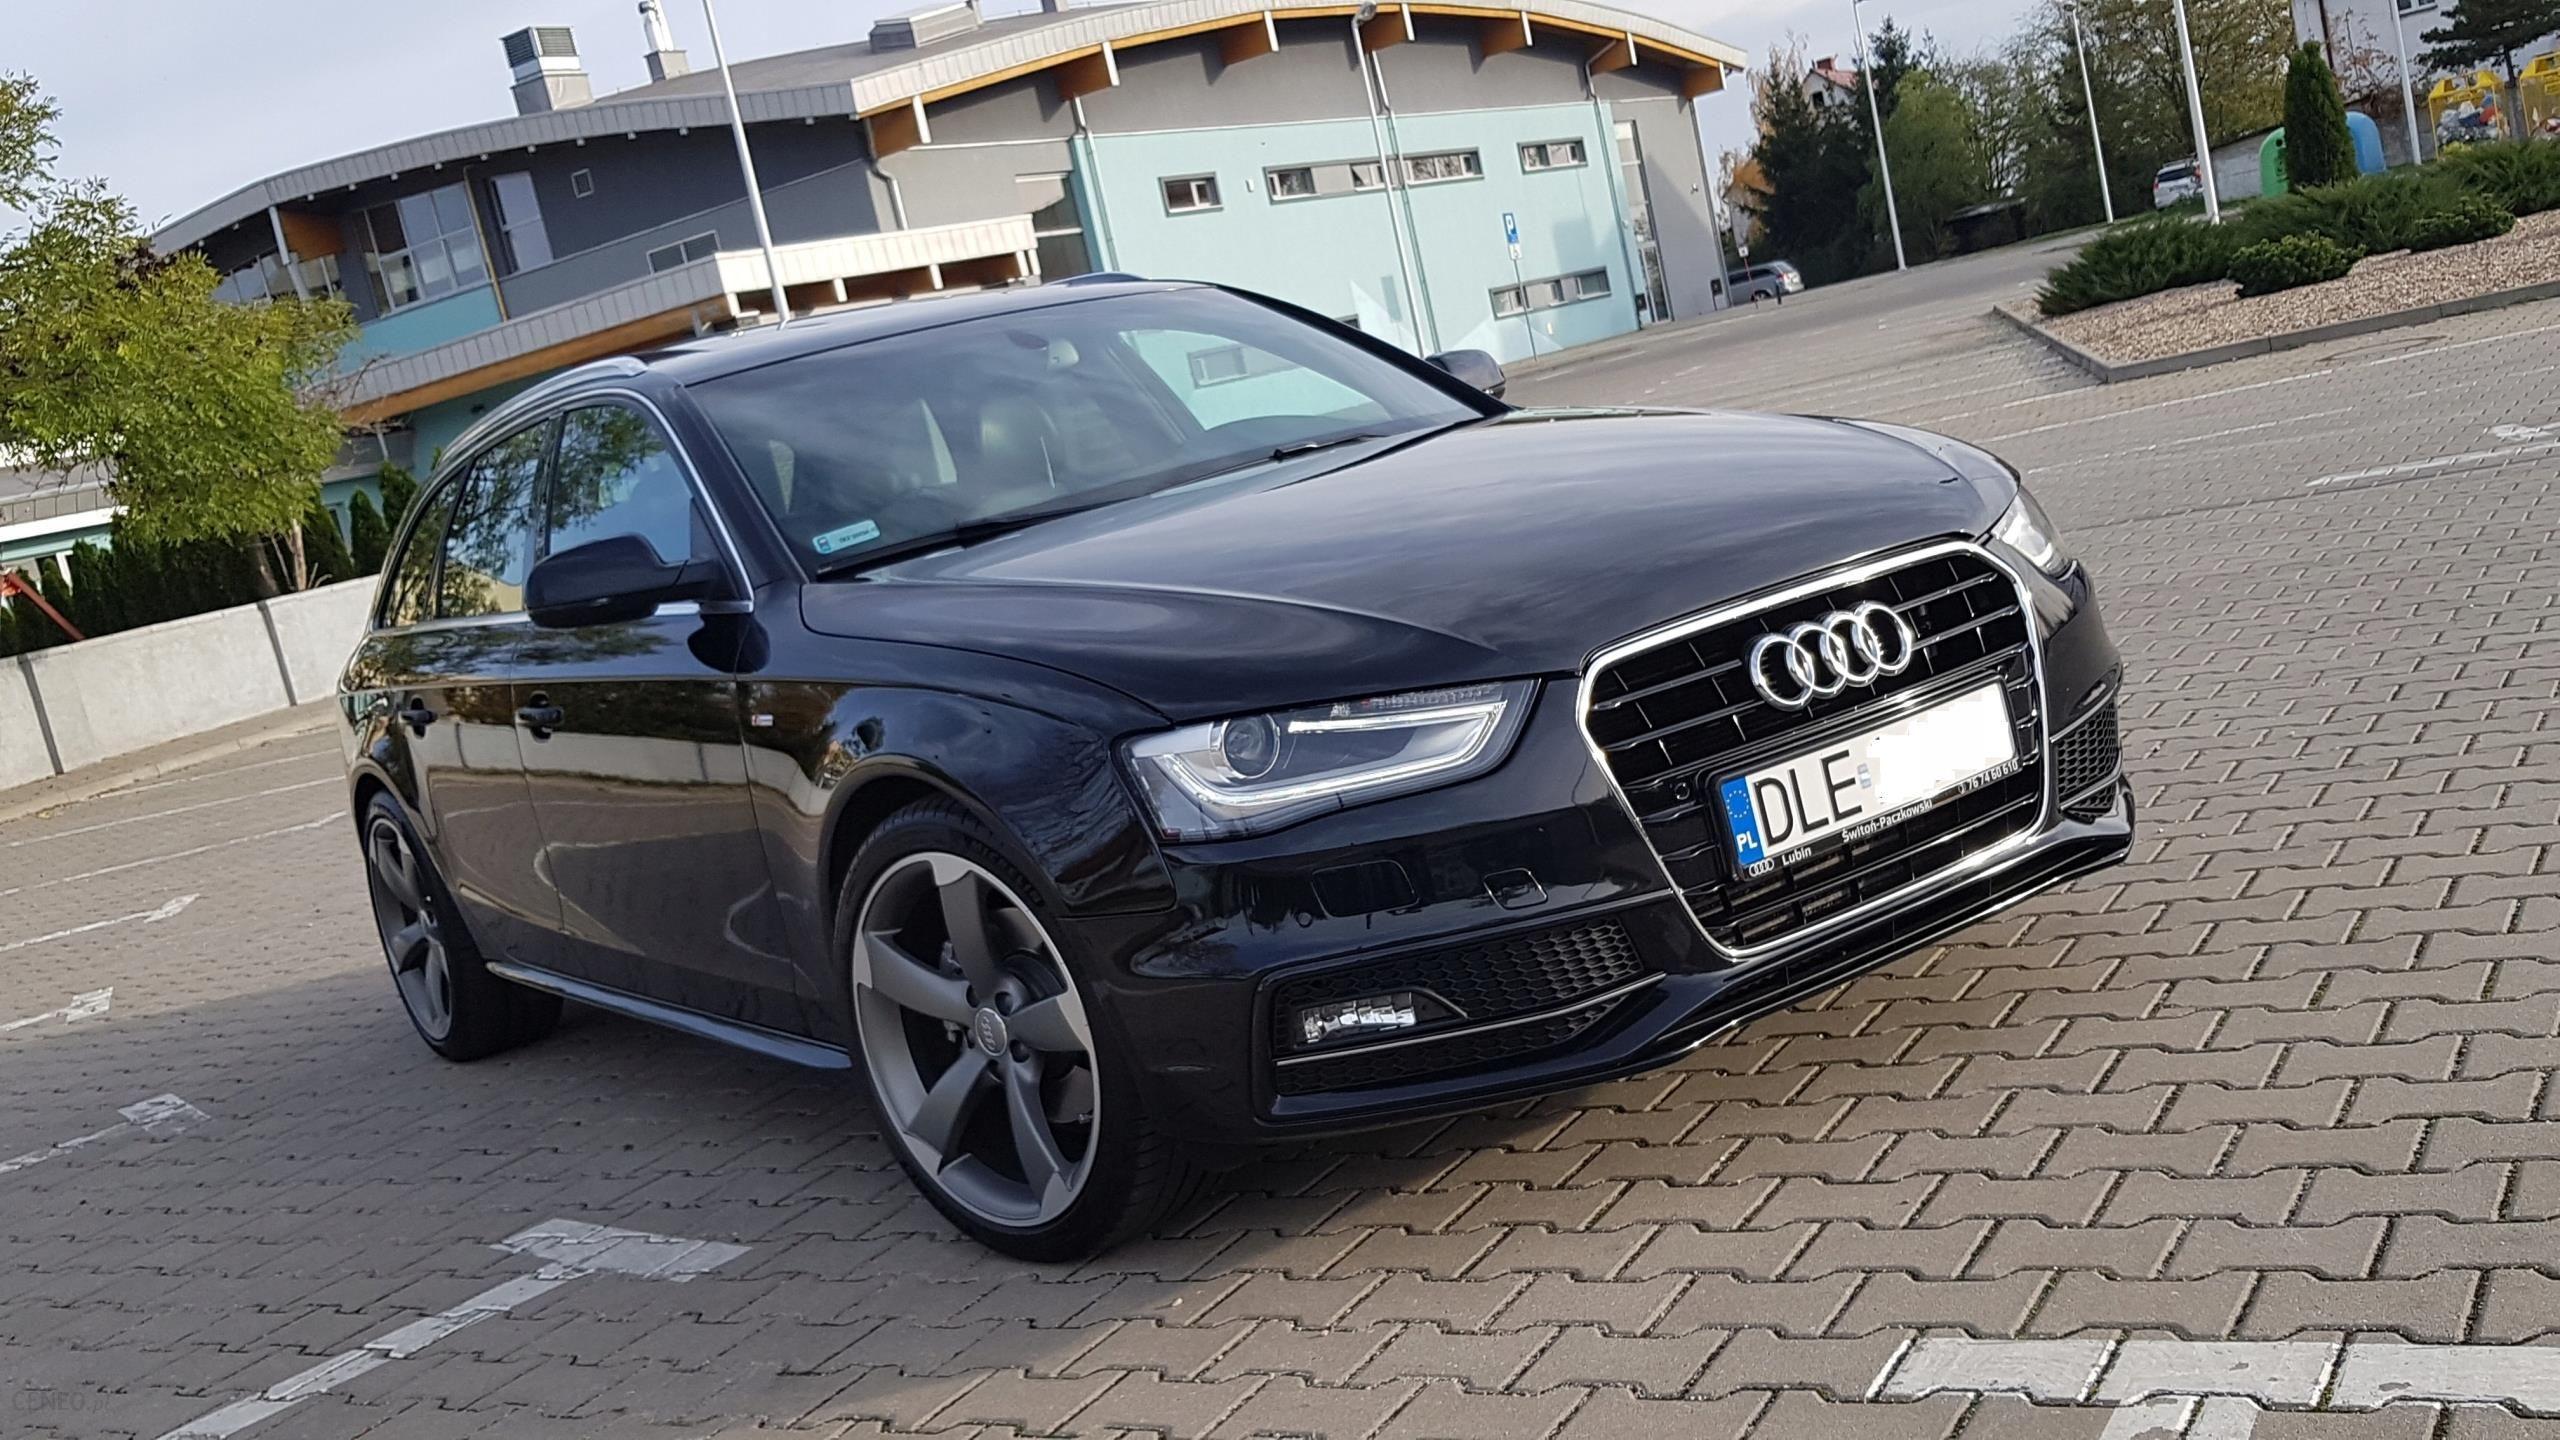 Audi A4 B8 Lift 20 Tdi 177km 2xsline3gpanorama Opinie I Ceny